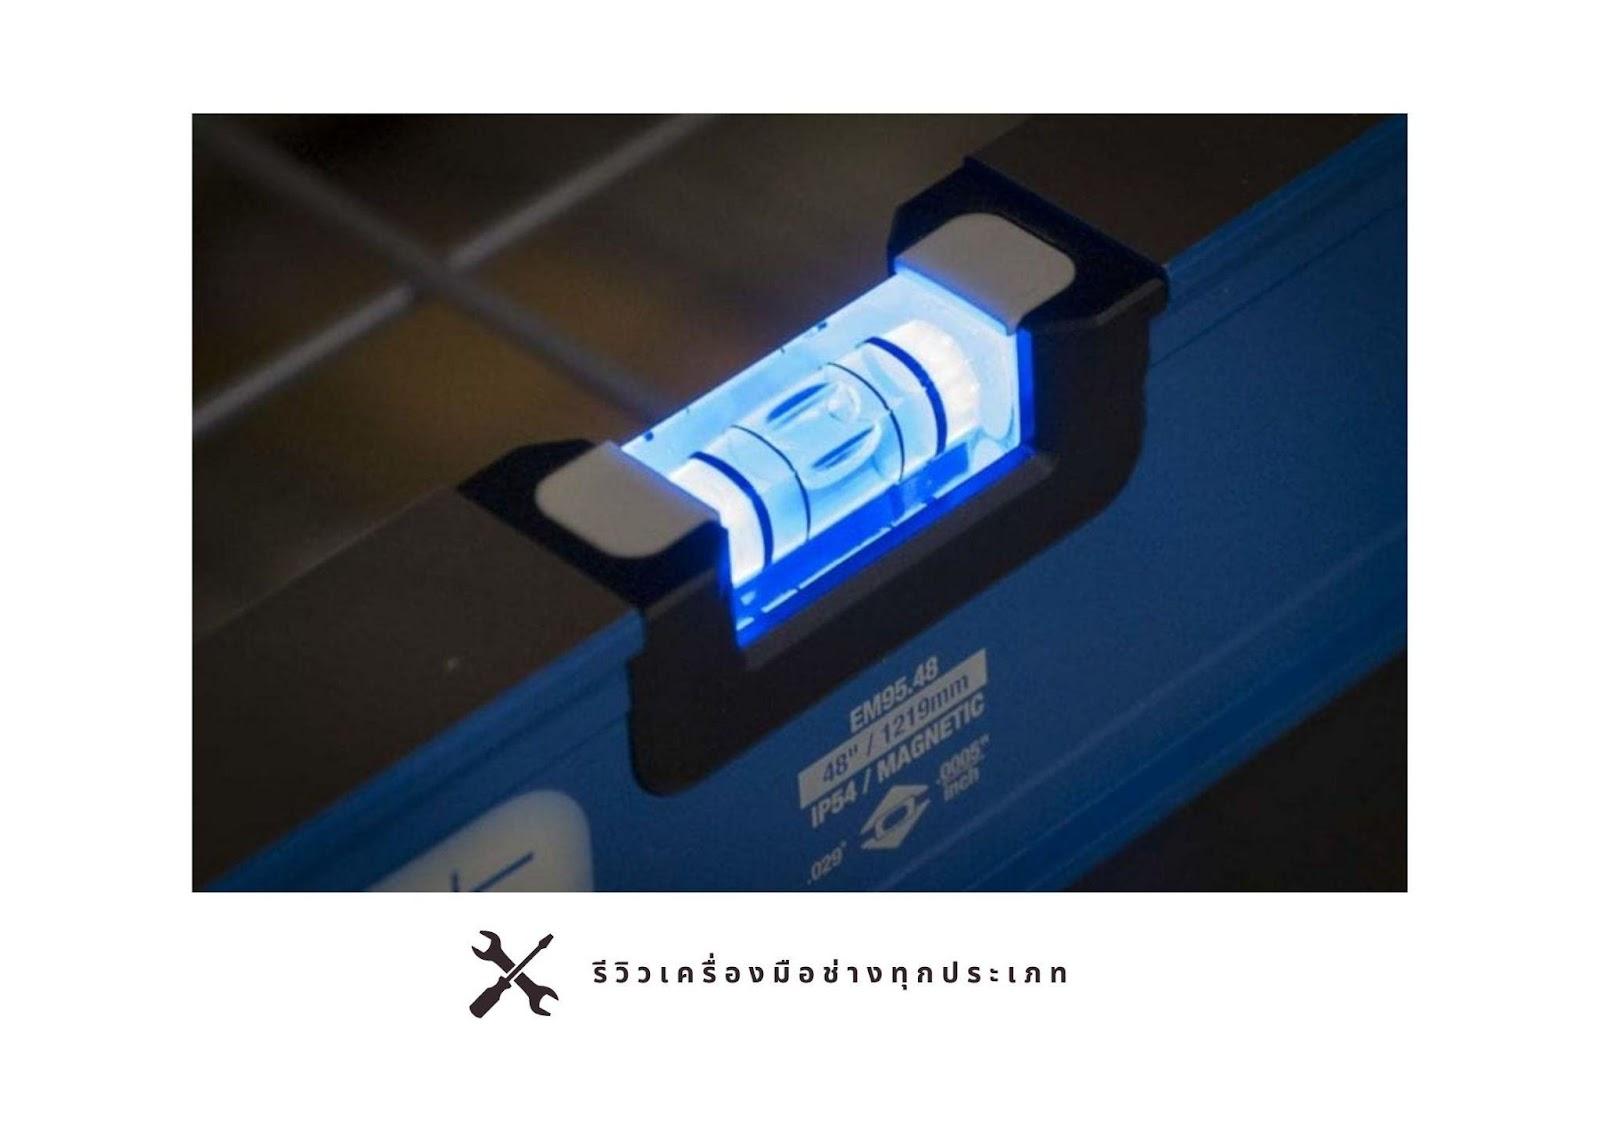 คุณสมบัติโบนัส – ไฟ LED